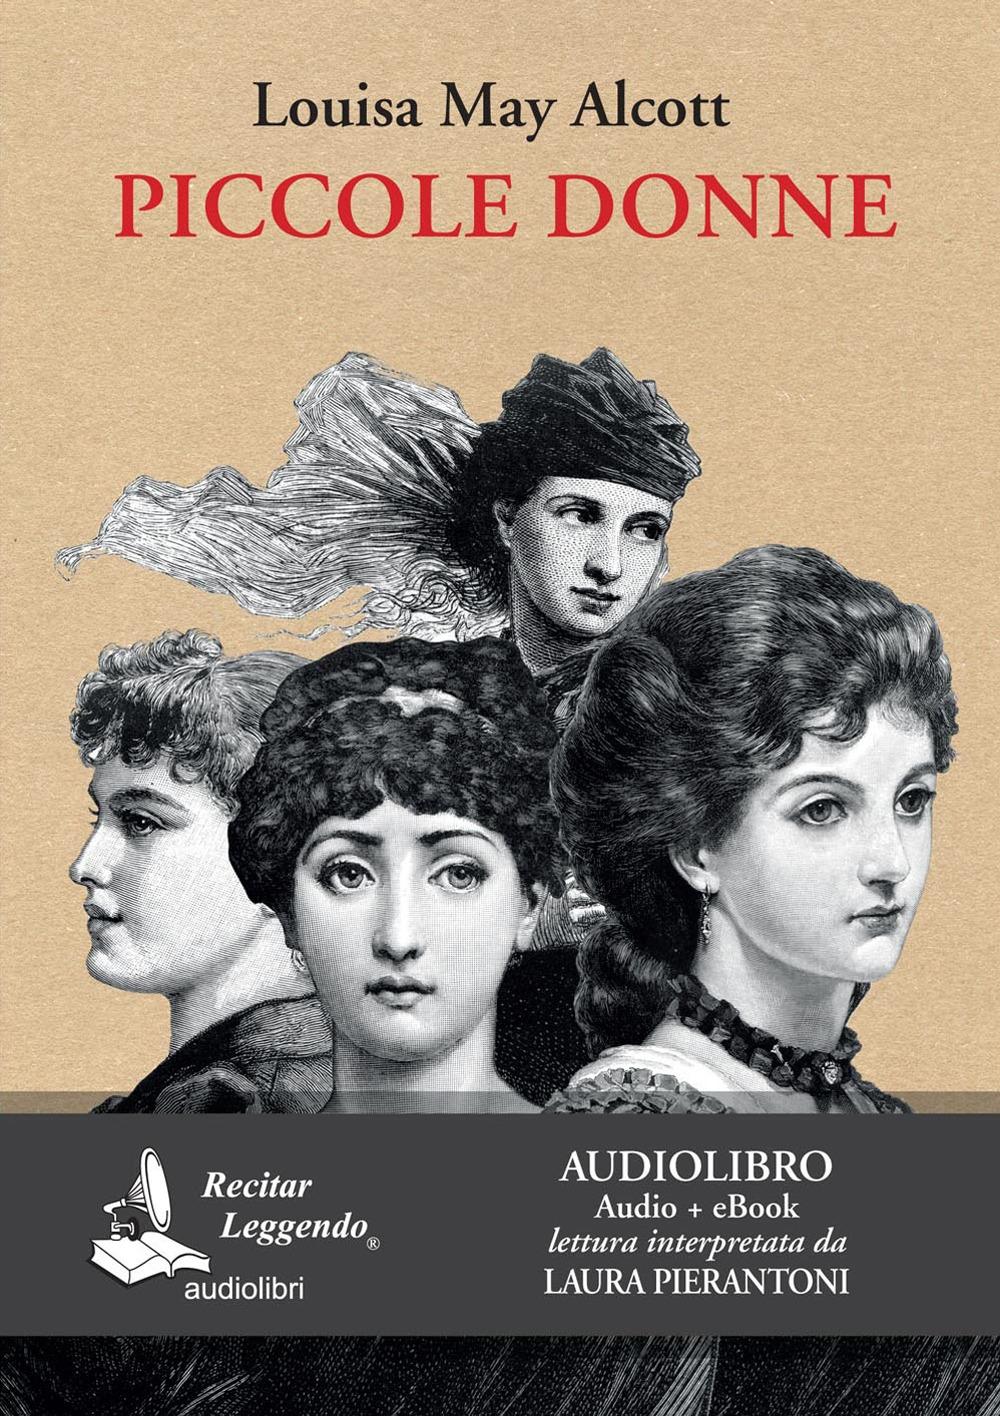 Piccole donne (ediz. integrale) (audiolibro + eBook)